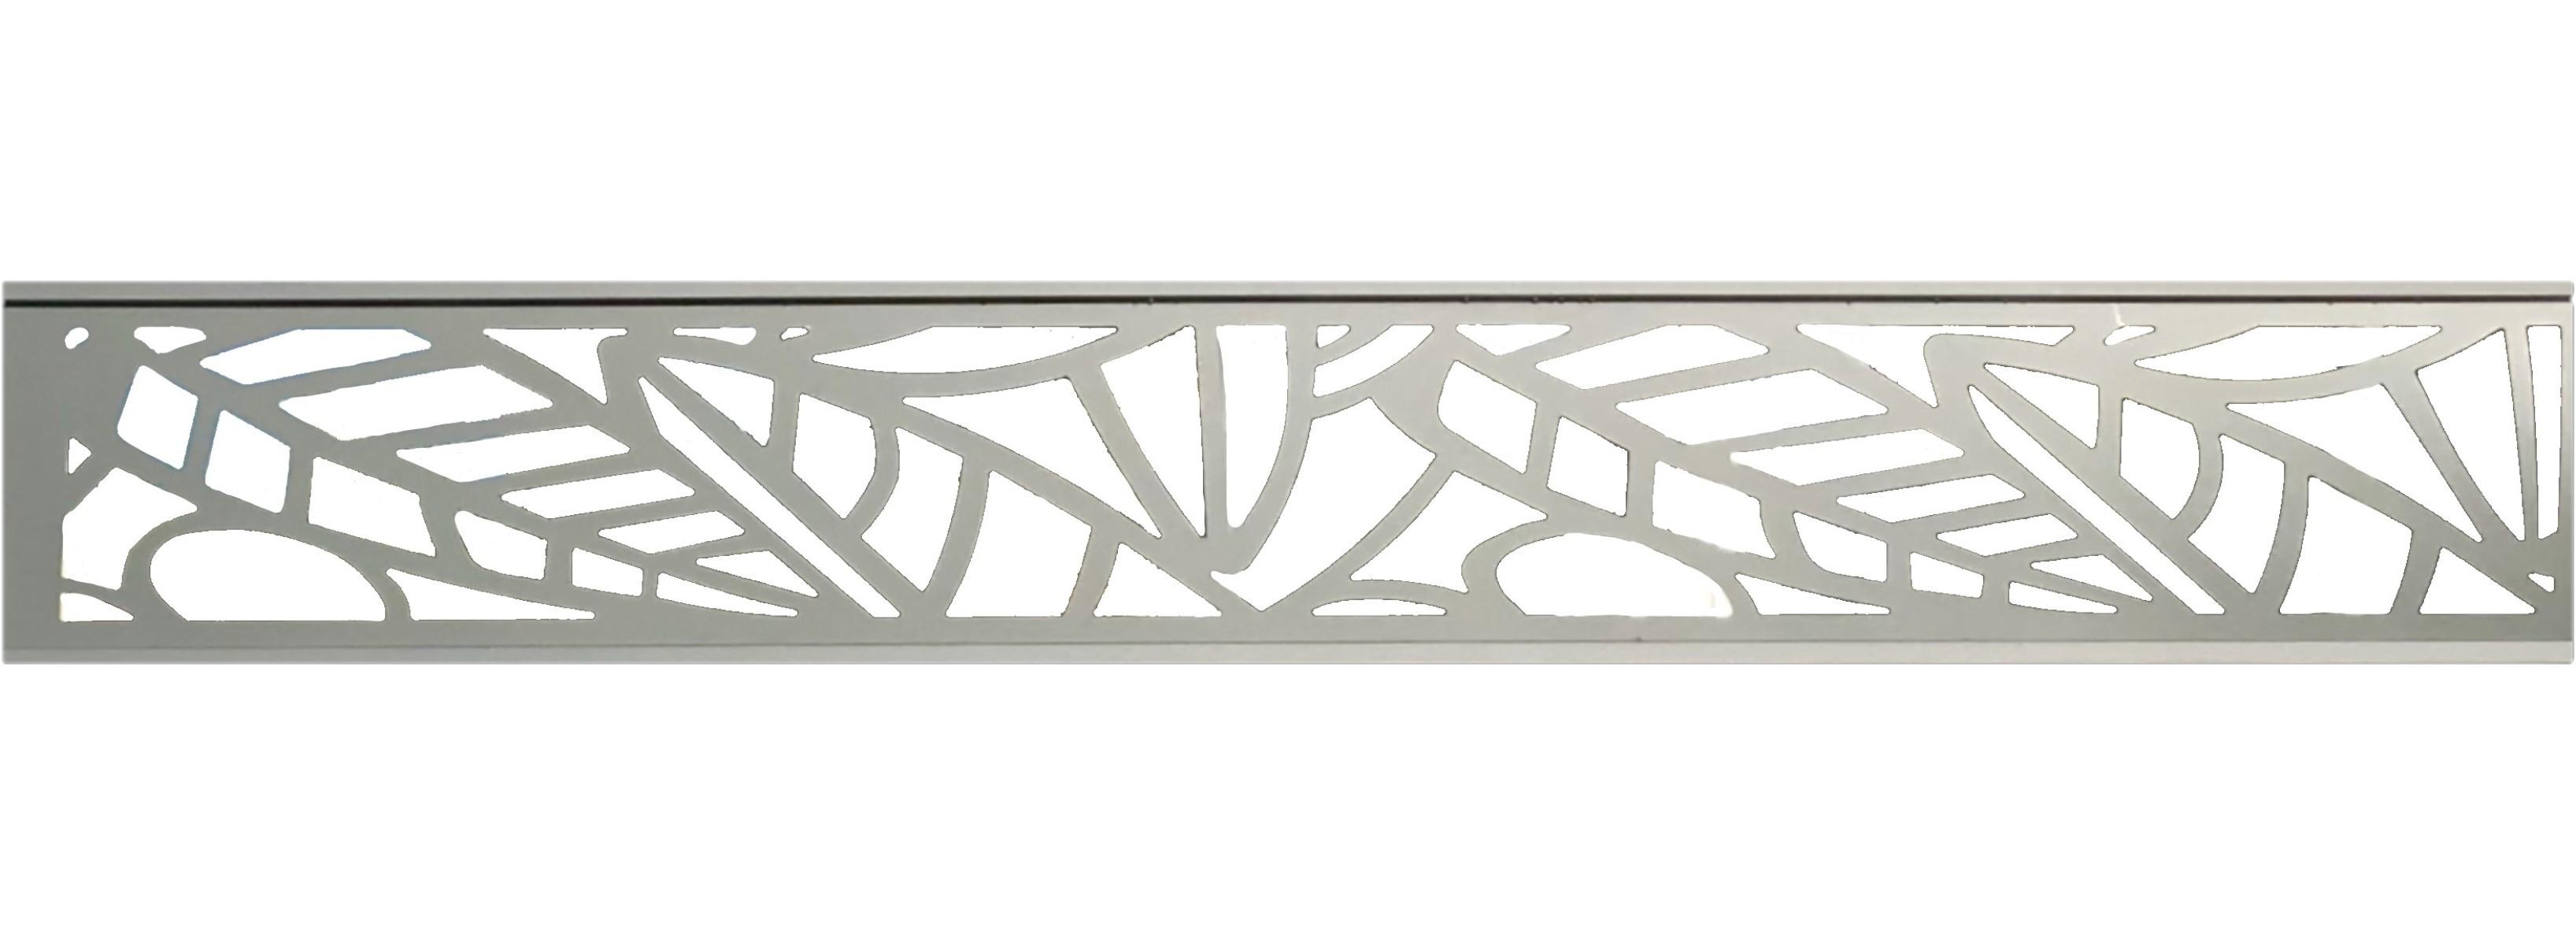 Plexiglas-Dekorationseinsatz für Sichtschutzzäune Aluminium-Rahmen Anthrazit